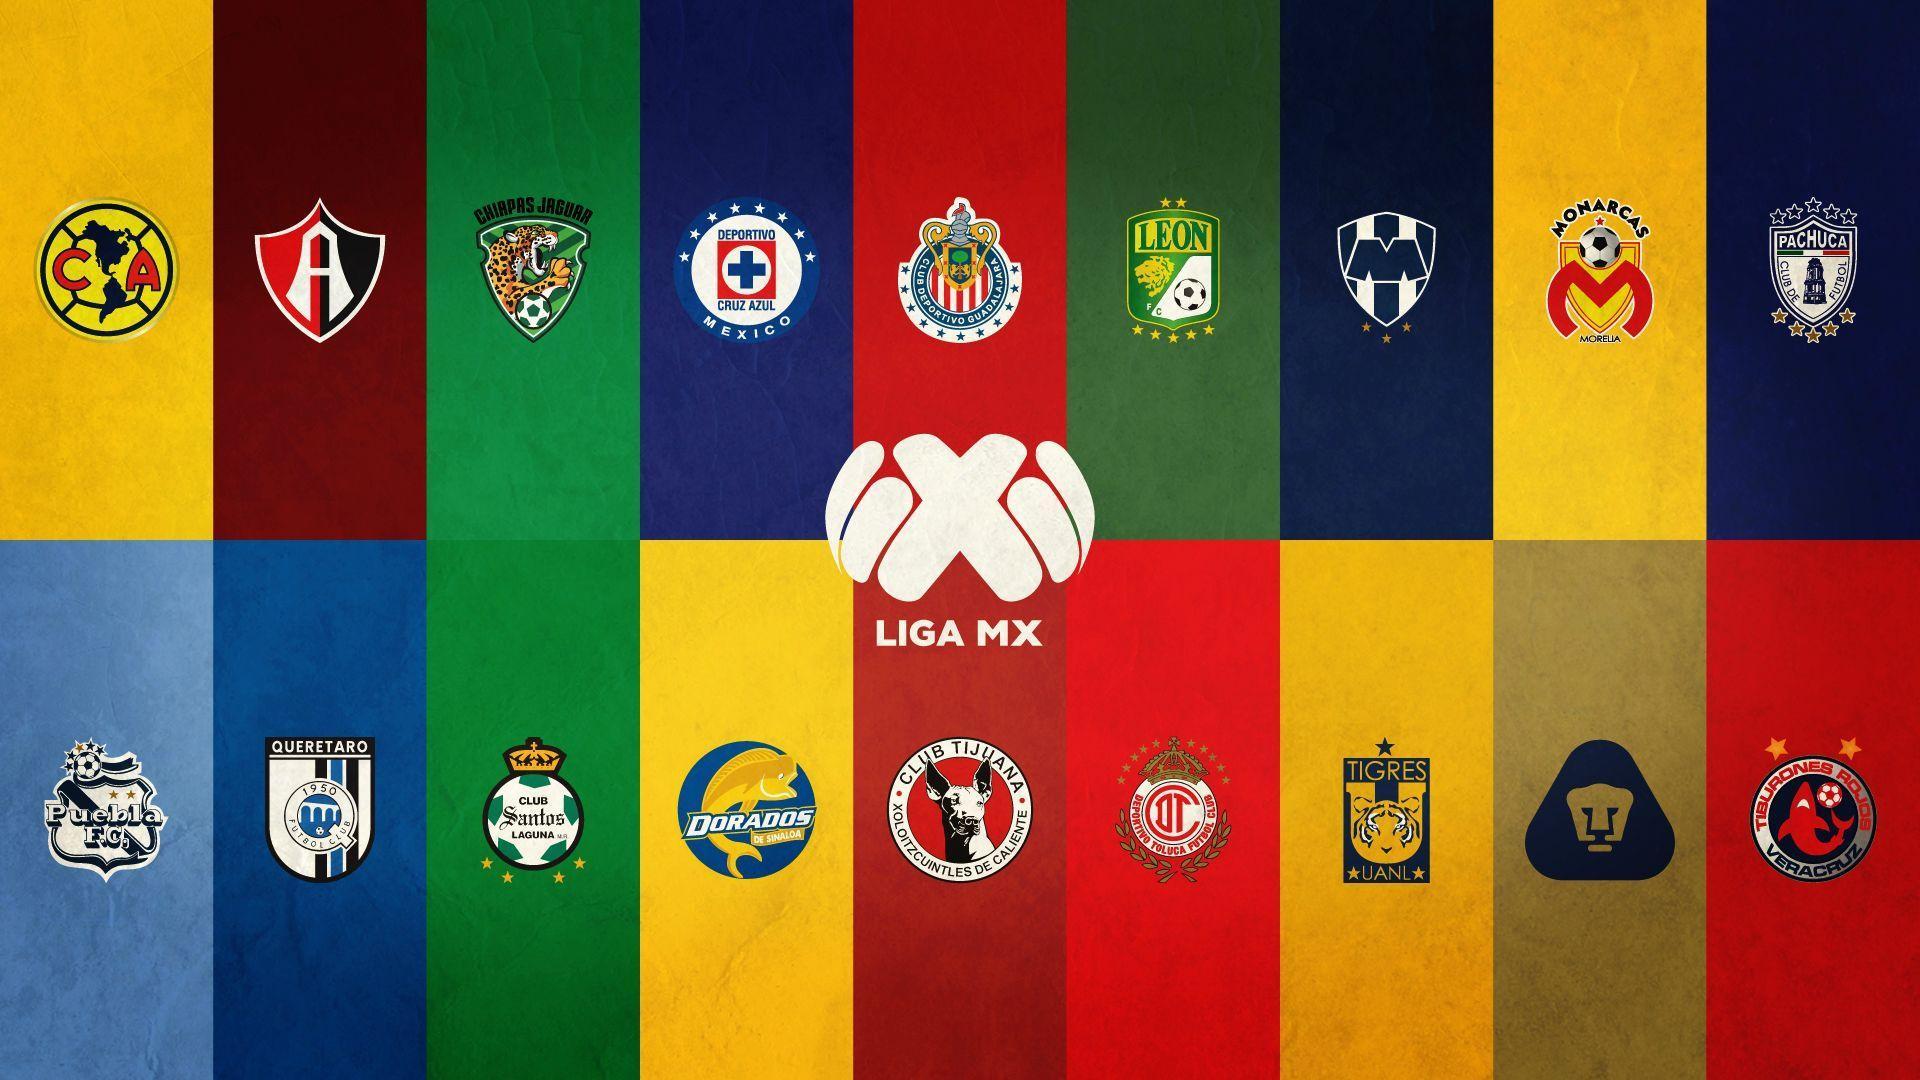 Kenh truc tiep Liga MX